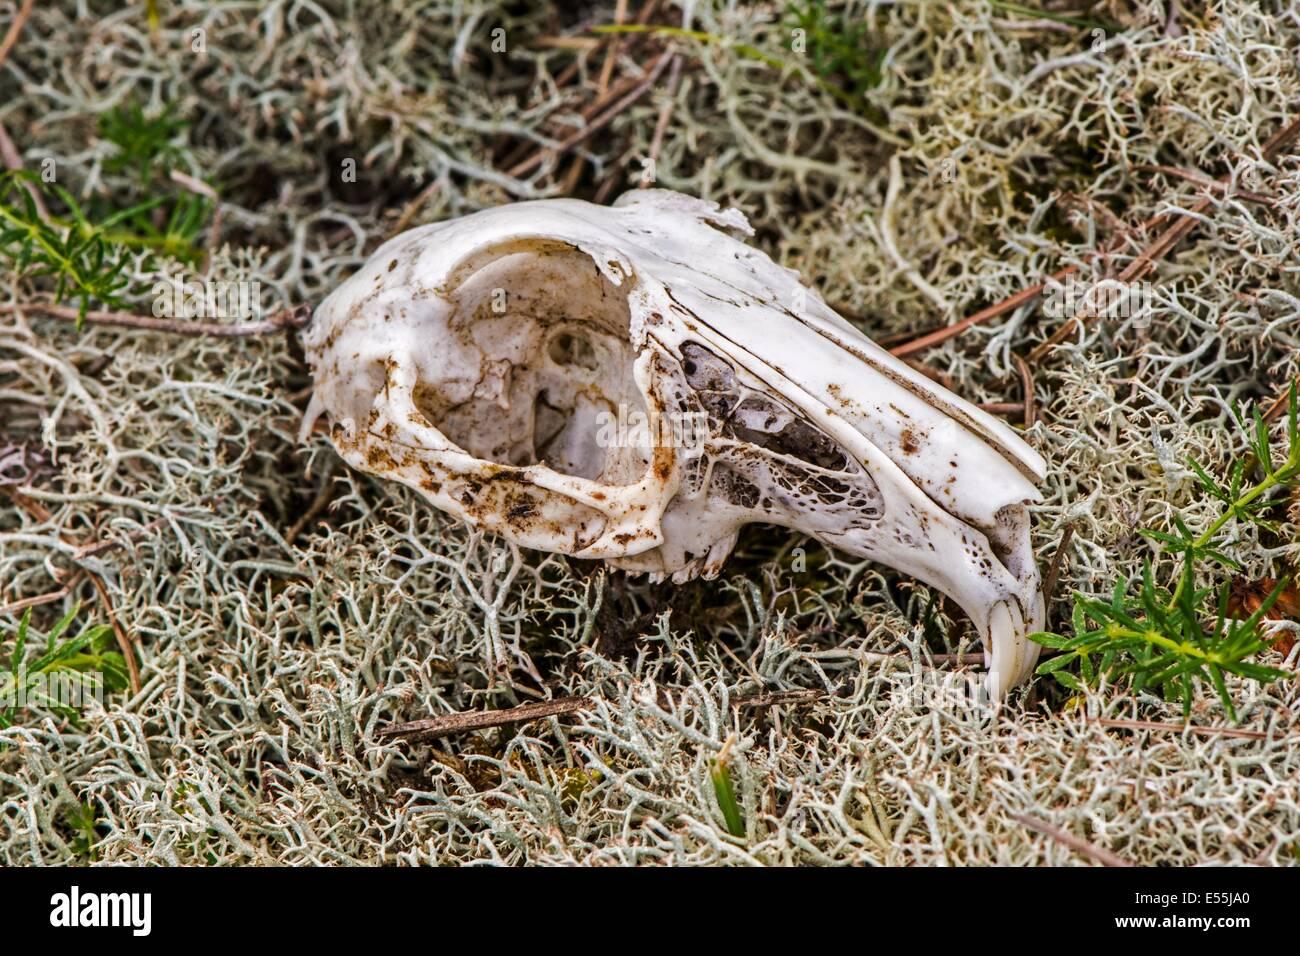 Skull of Rabbit, European rabbit or common rabbit (Oryctolagus cuniculus) - Stock Image